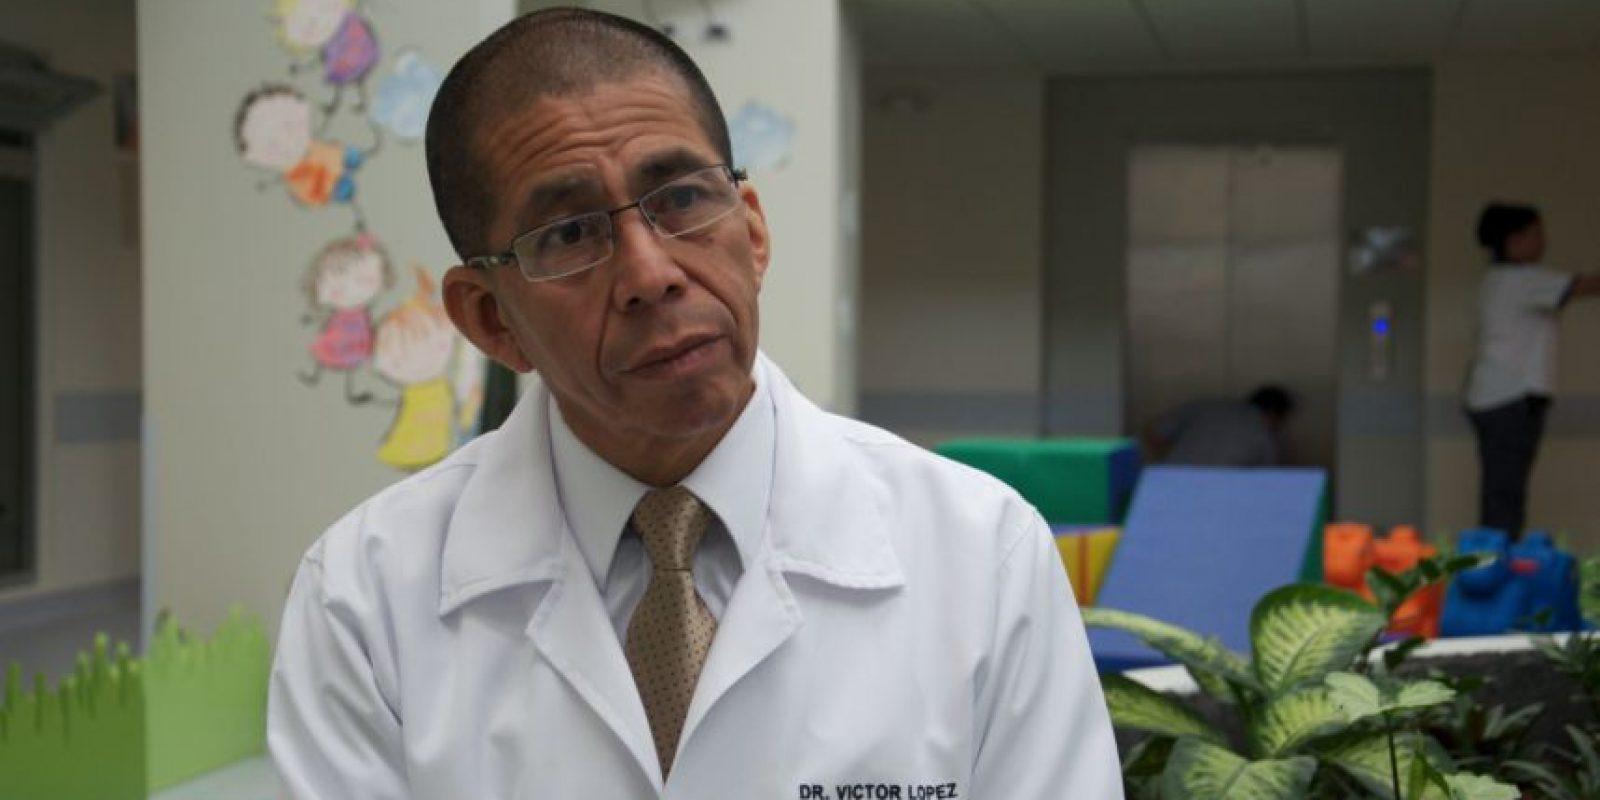 De acuerdo con el director del hospital, Víctor Manuel López, se caracterizan por su capacidad de atender partos normales pero particularmente embarazos complicados Foto:Luis Carlos Nájera